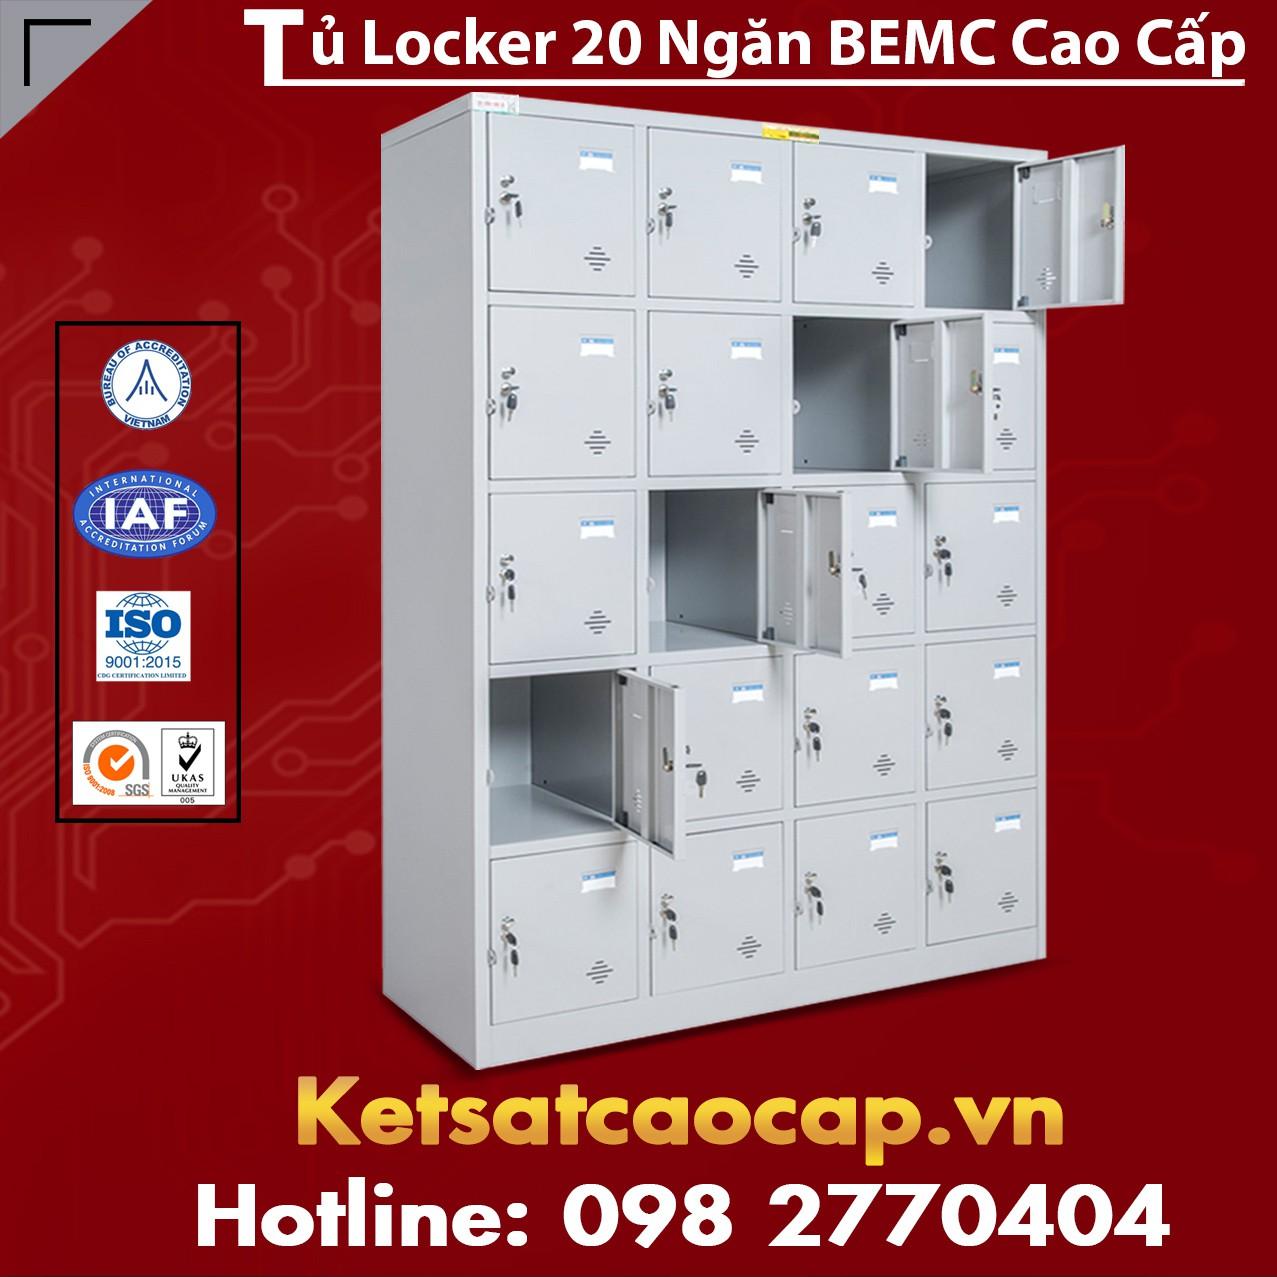 Tủ Locker 20 Ngăn BEMC